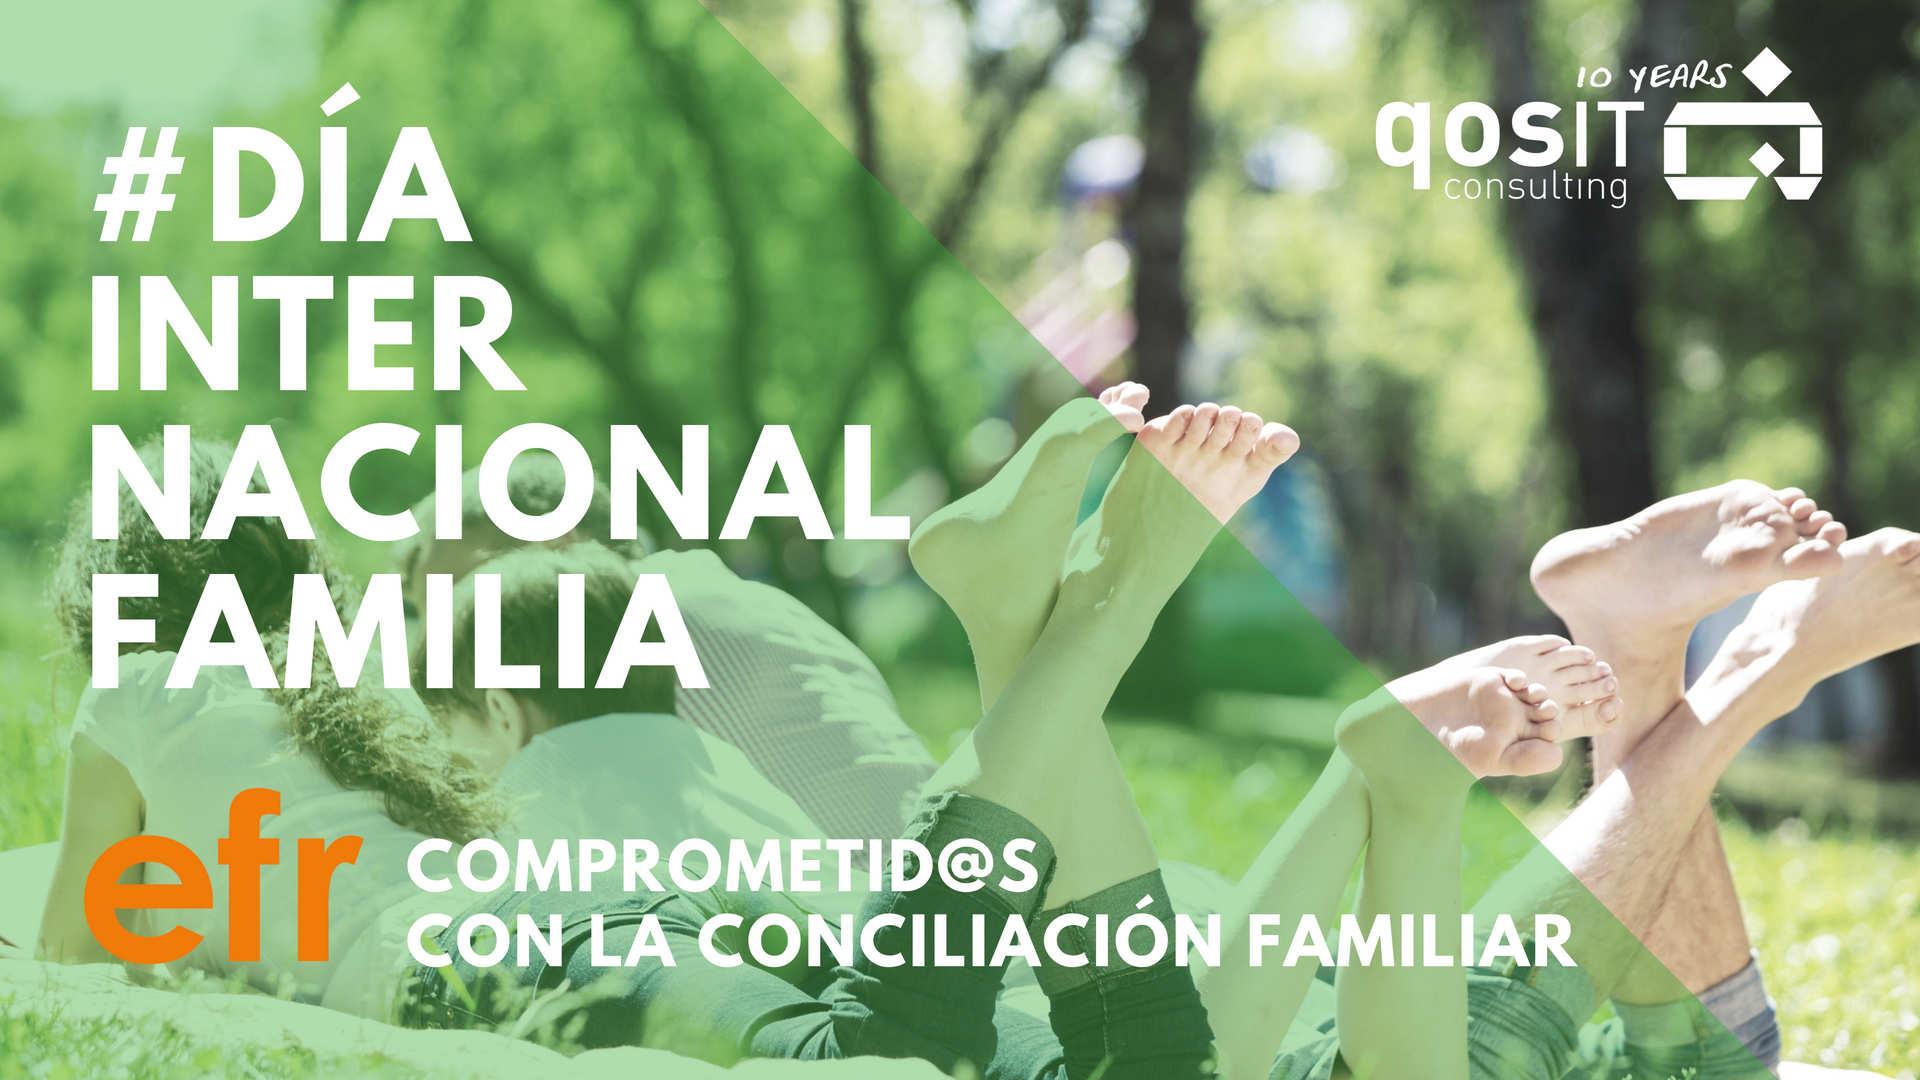 Día Internacional de la Familia - qosITconsulting